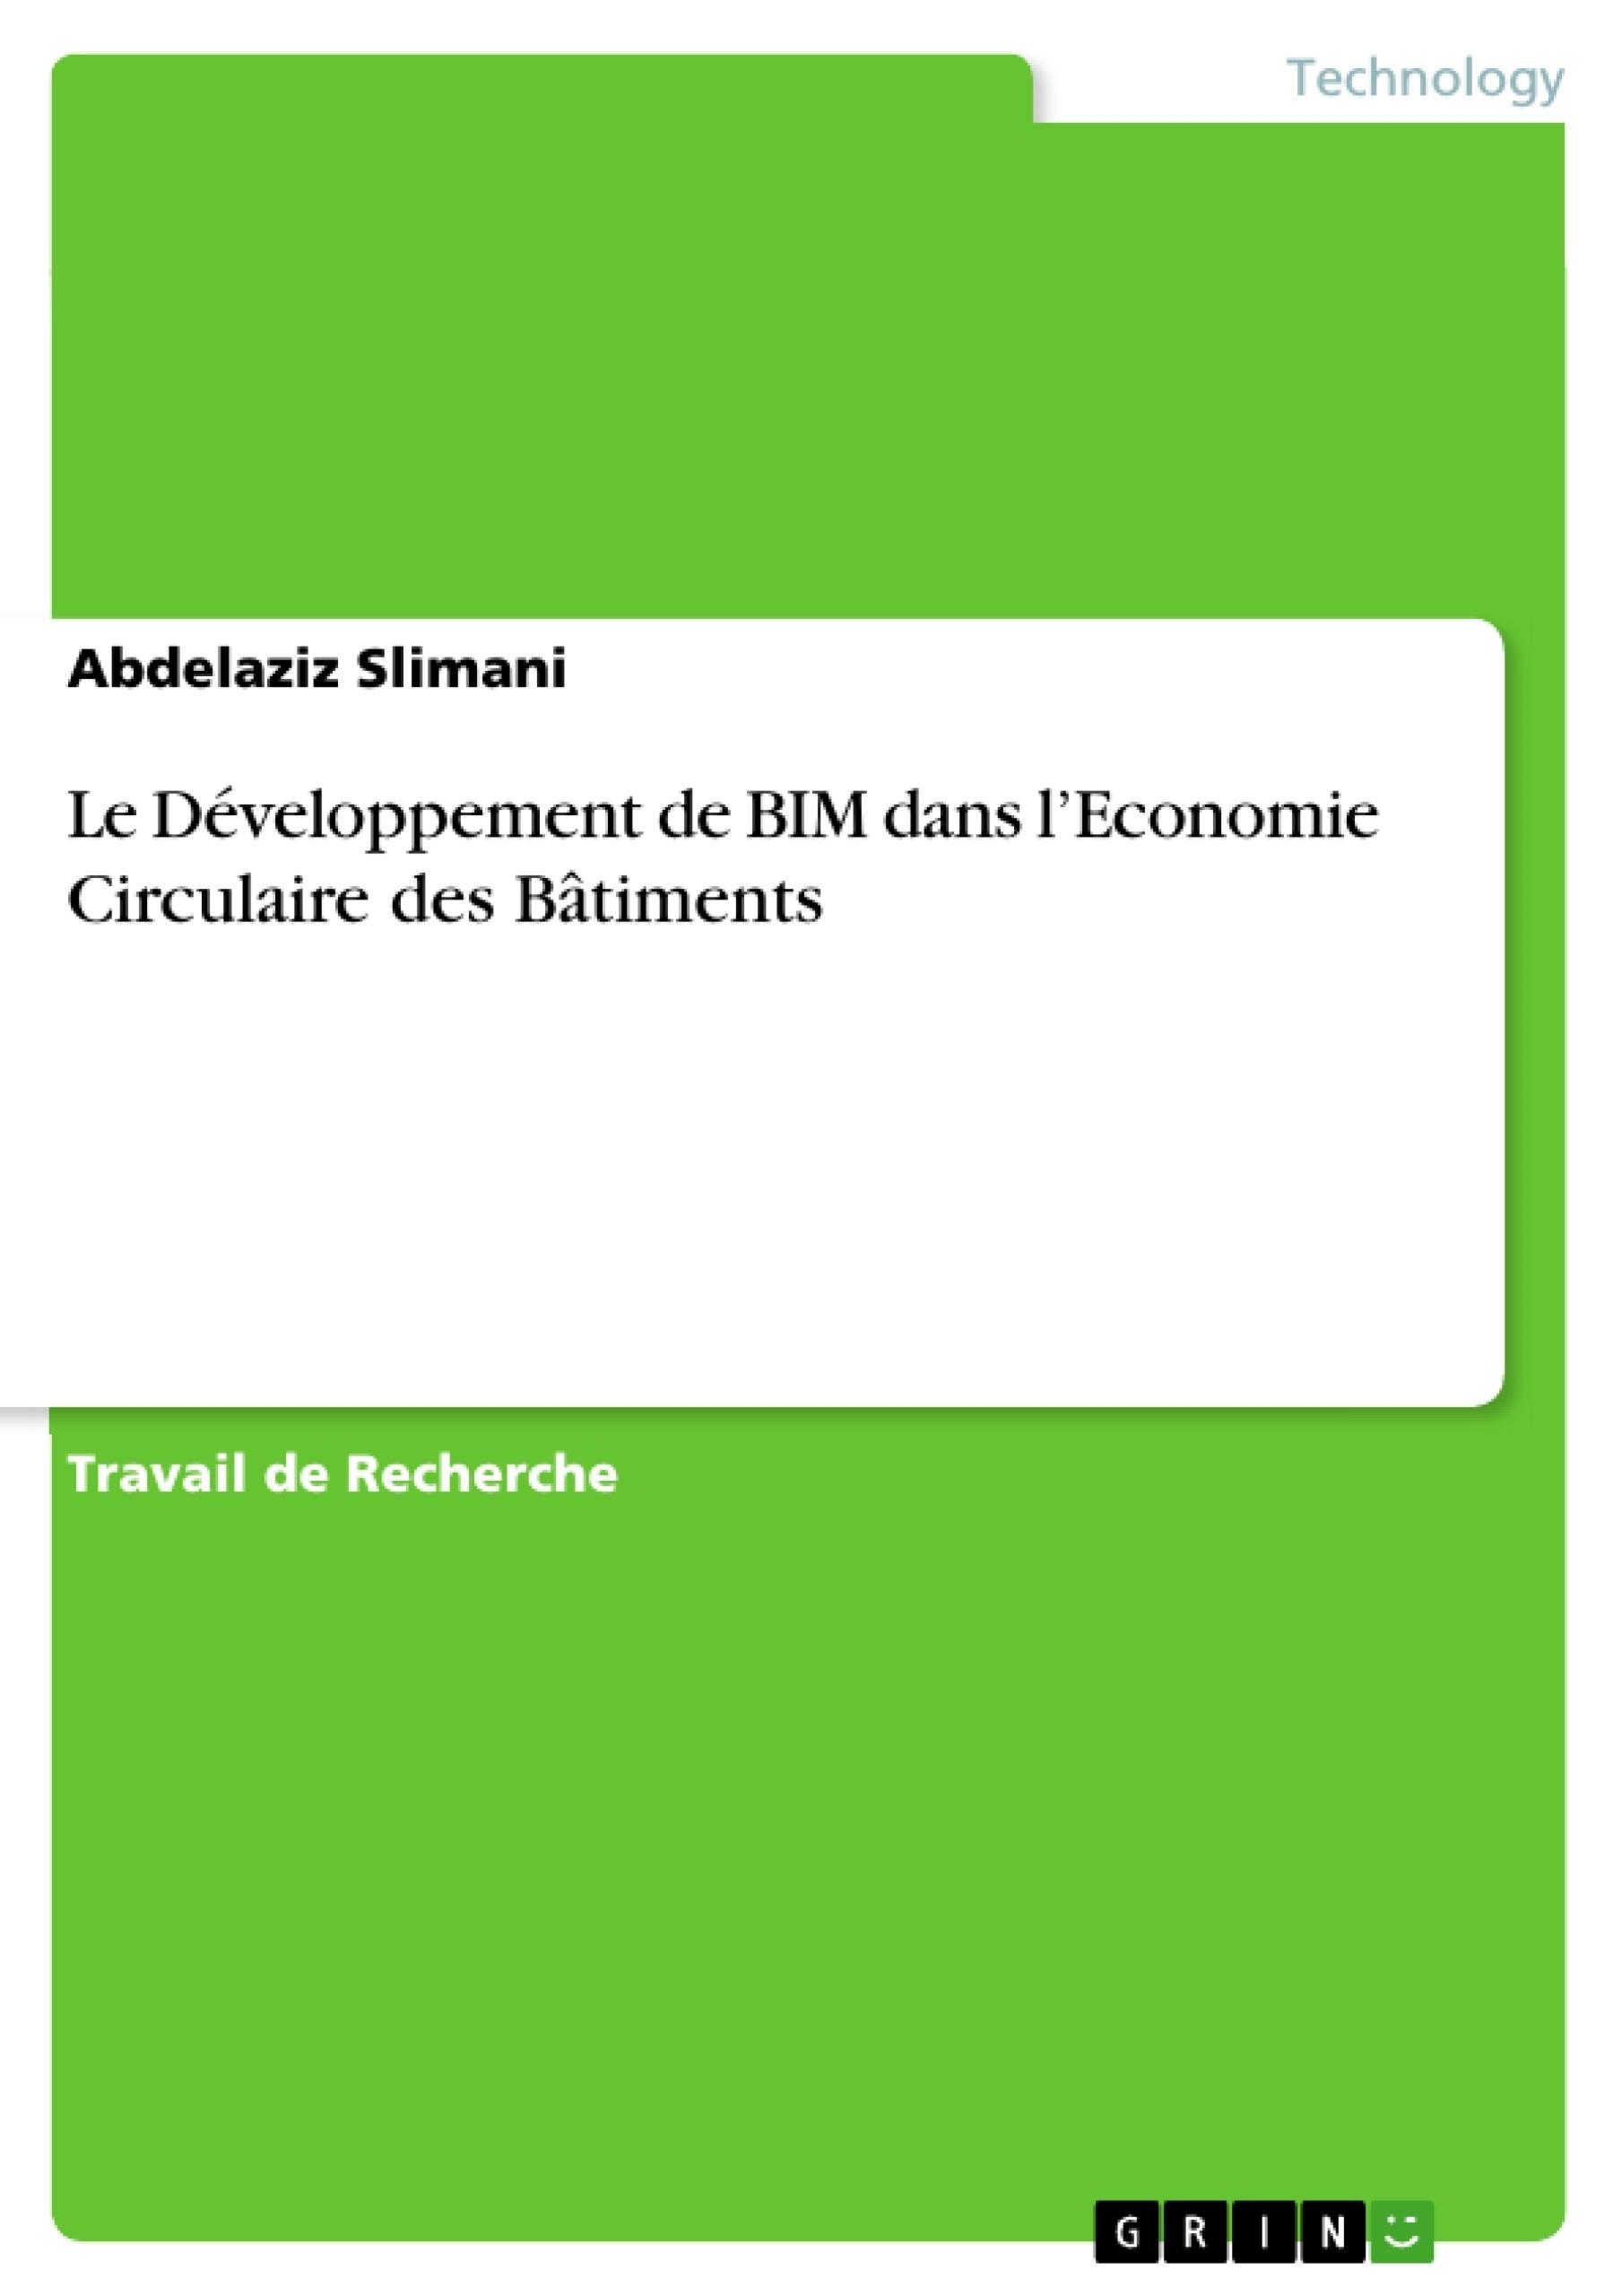 Titre: Le Développement de BIM dans l'Economie Circulaire  des Bâtiments